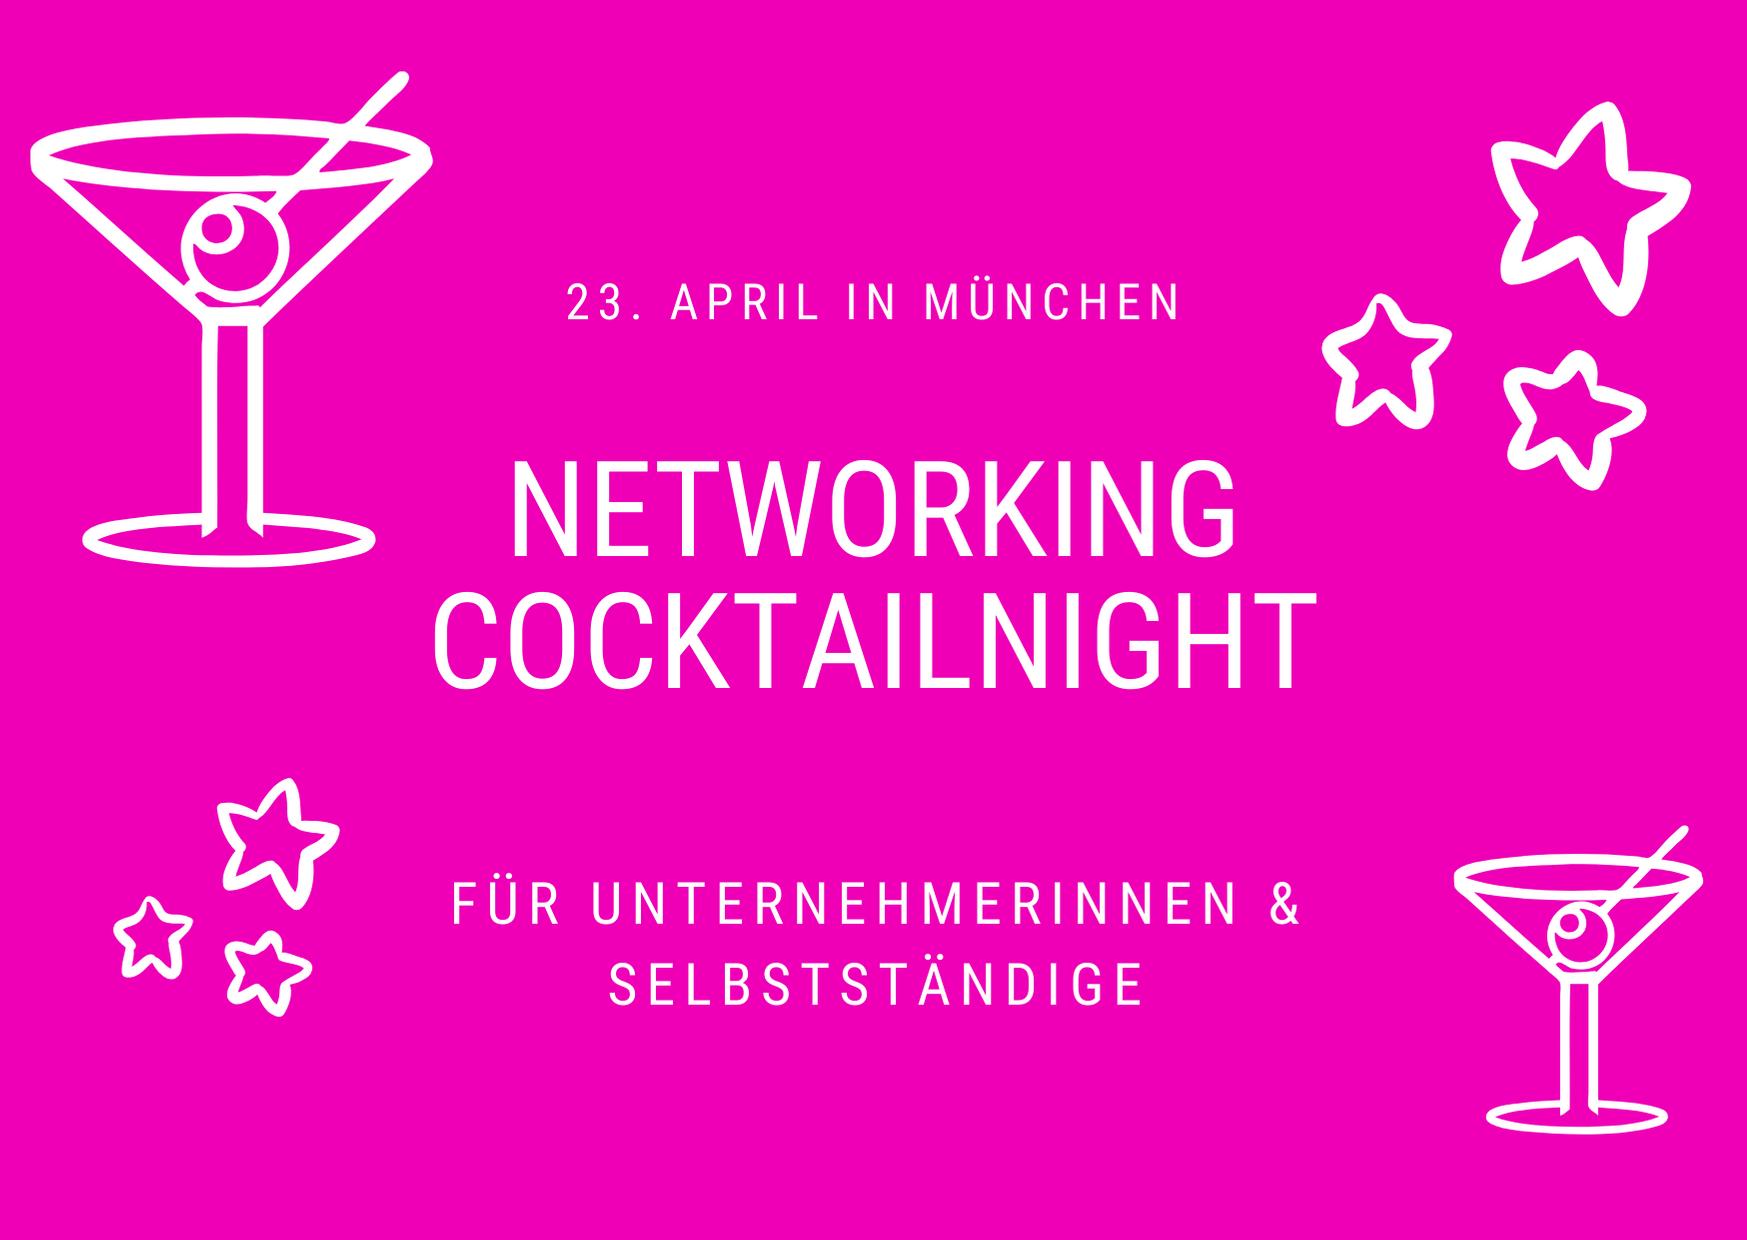 Networking Cocktailnight in München